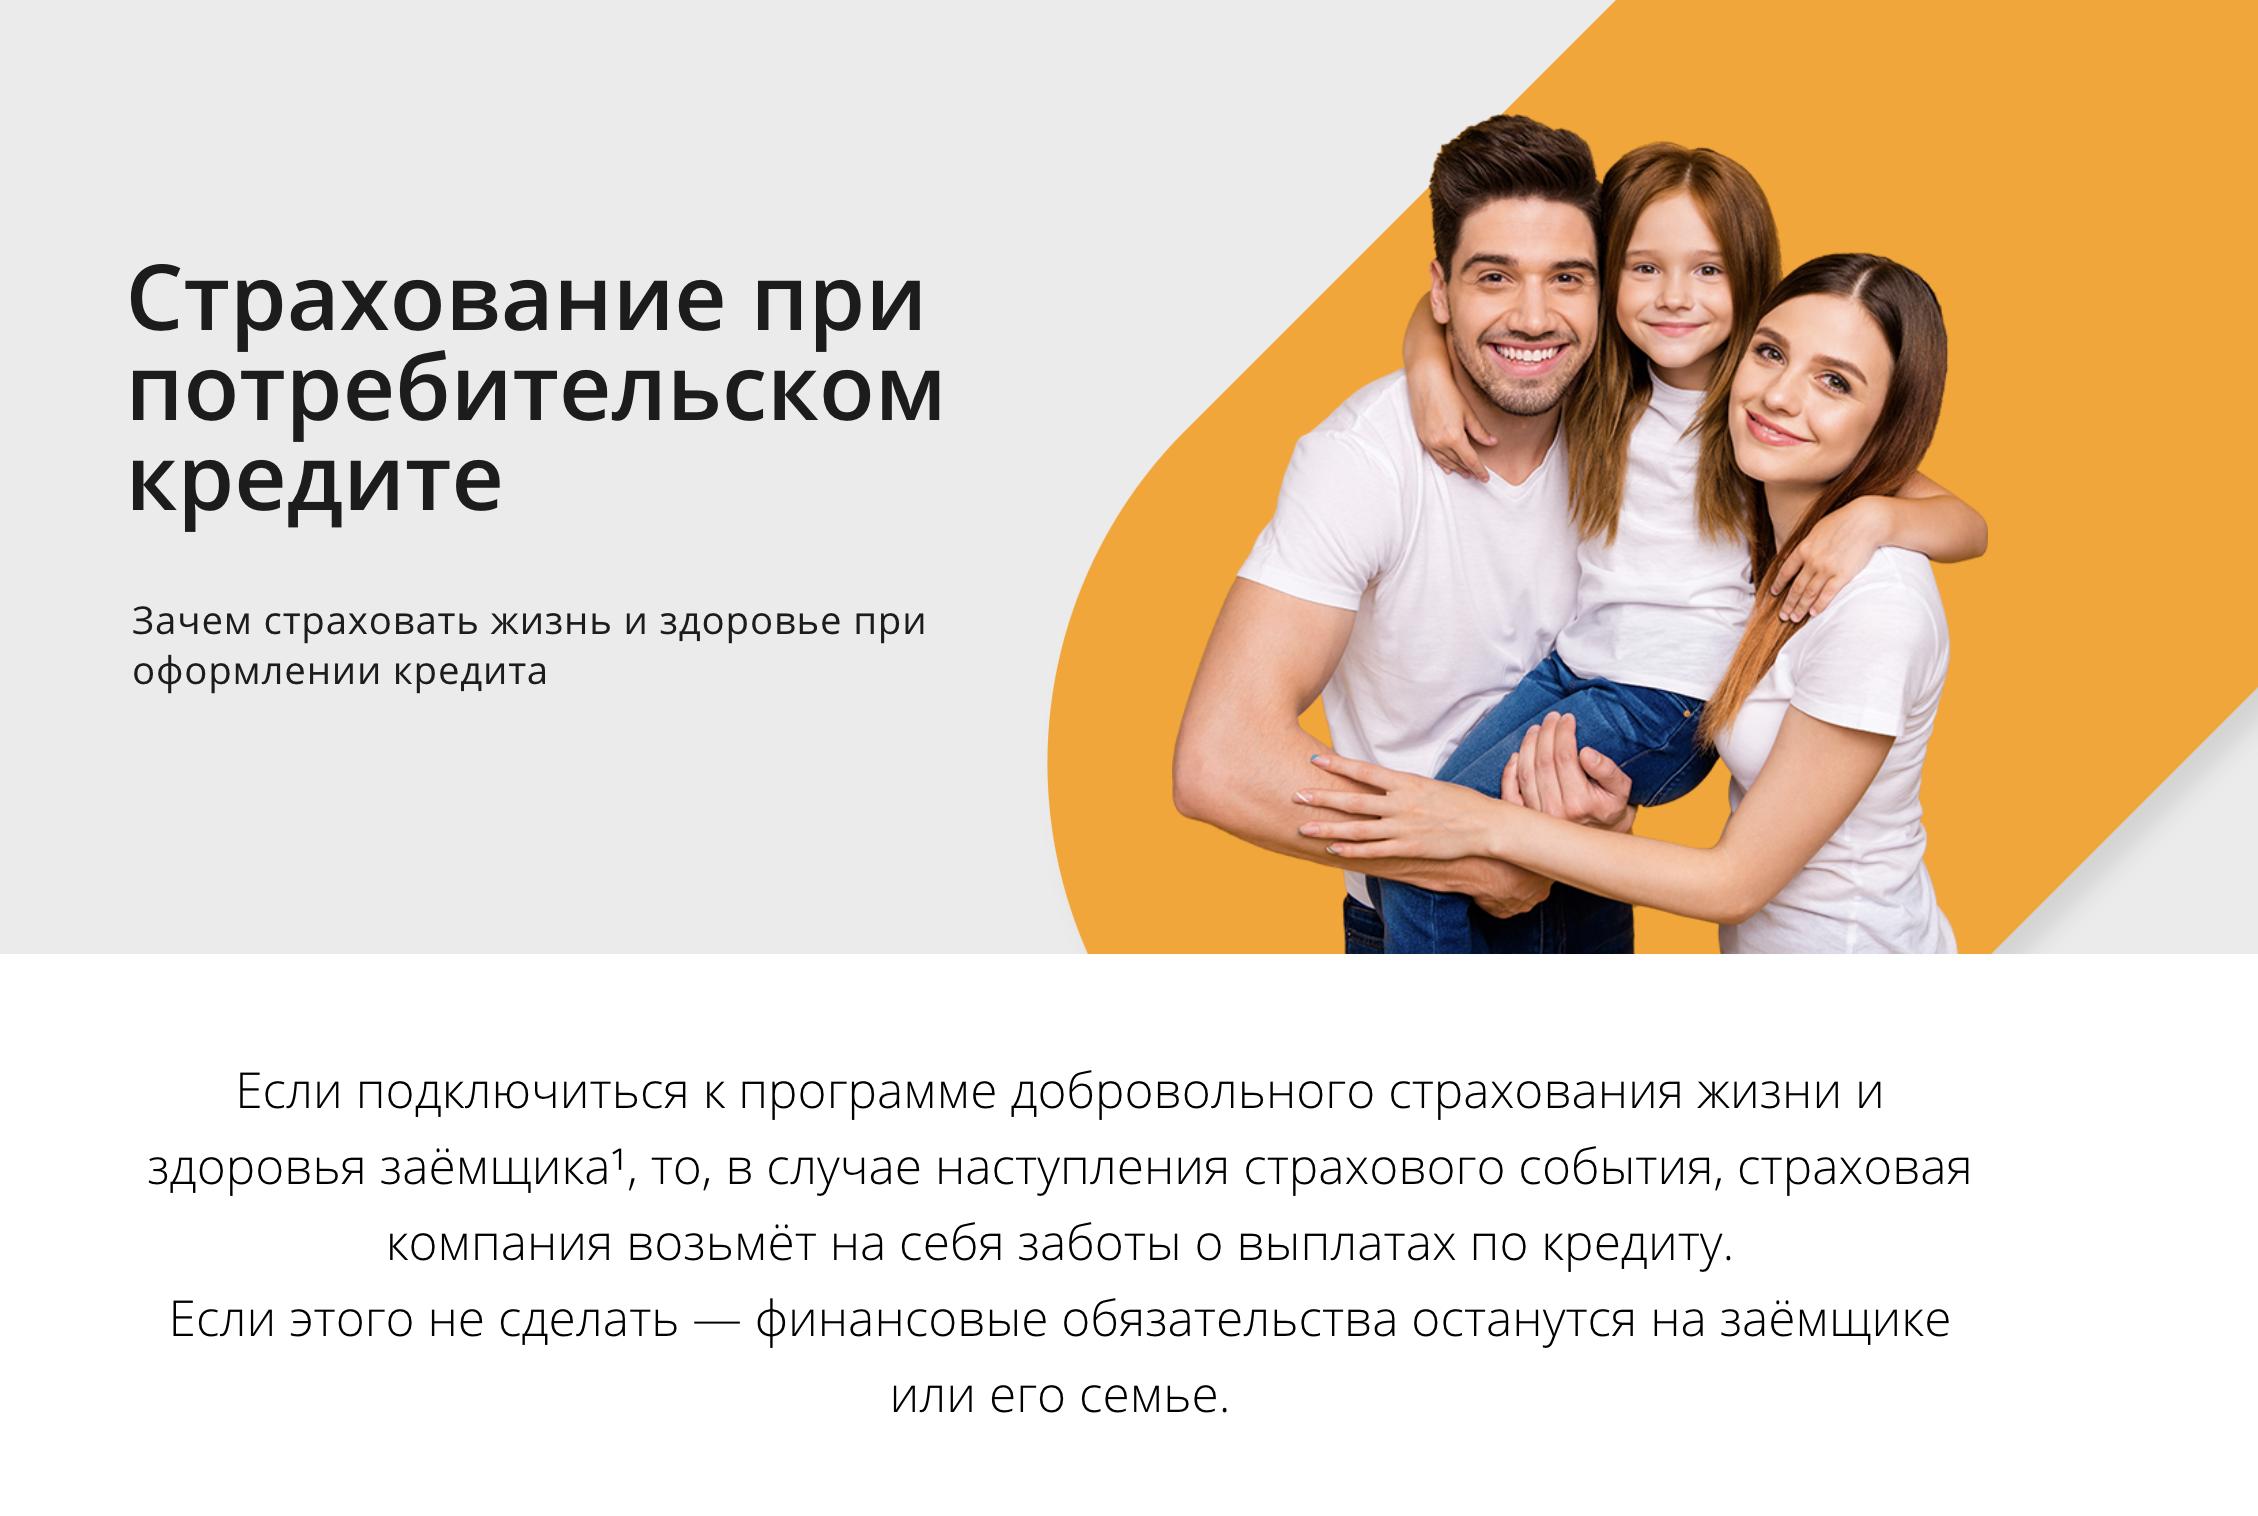 Как вернуть деньги за страховку по кредиту в Сбербанке